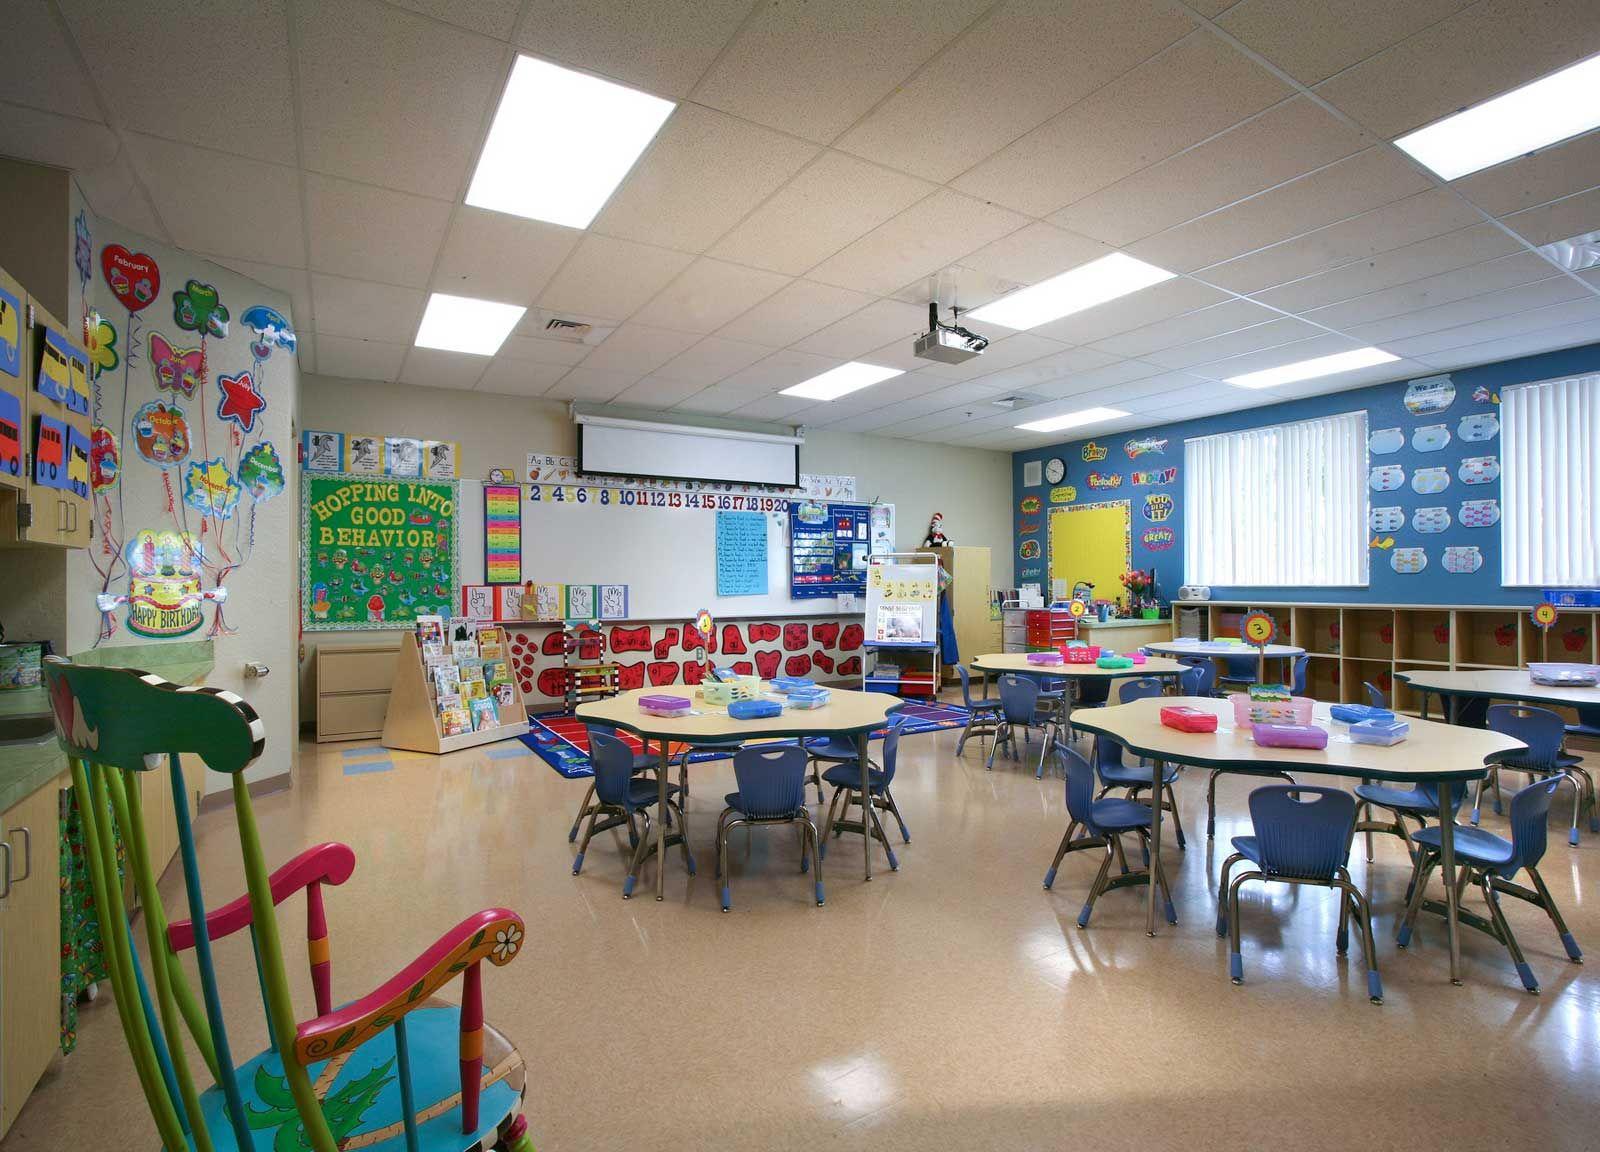 Best Interior Design School Inspiring Interior Design